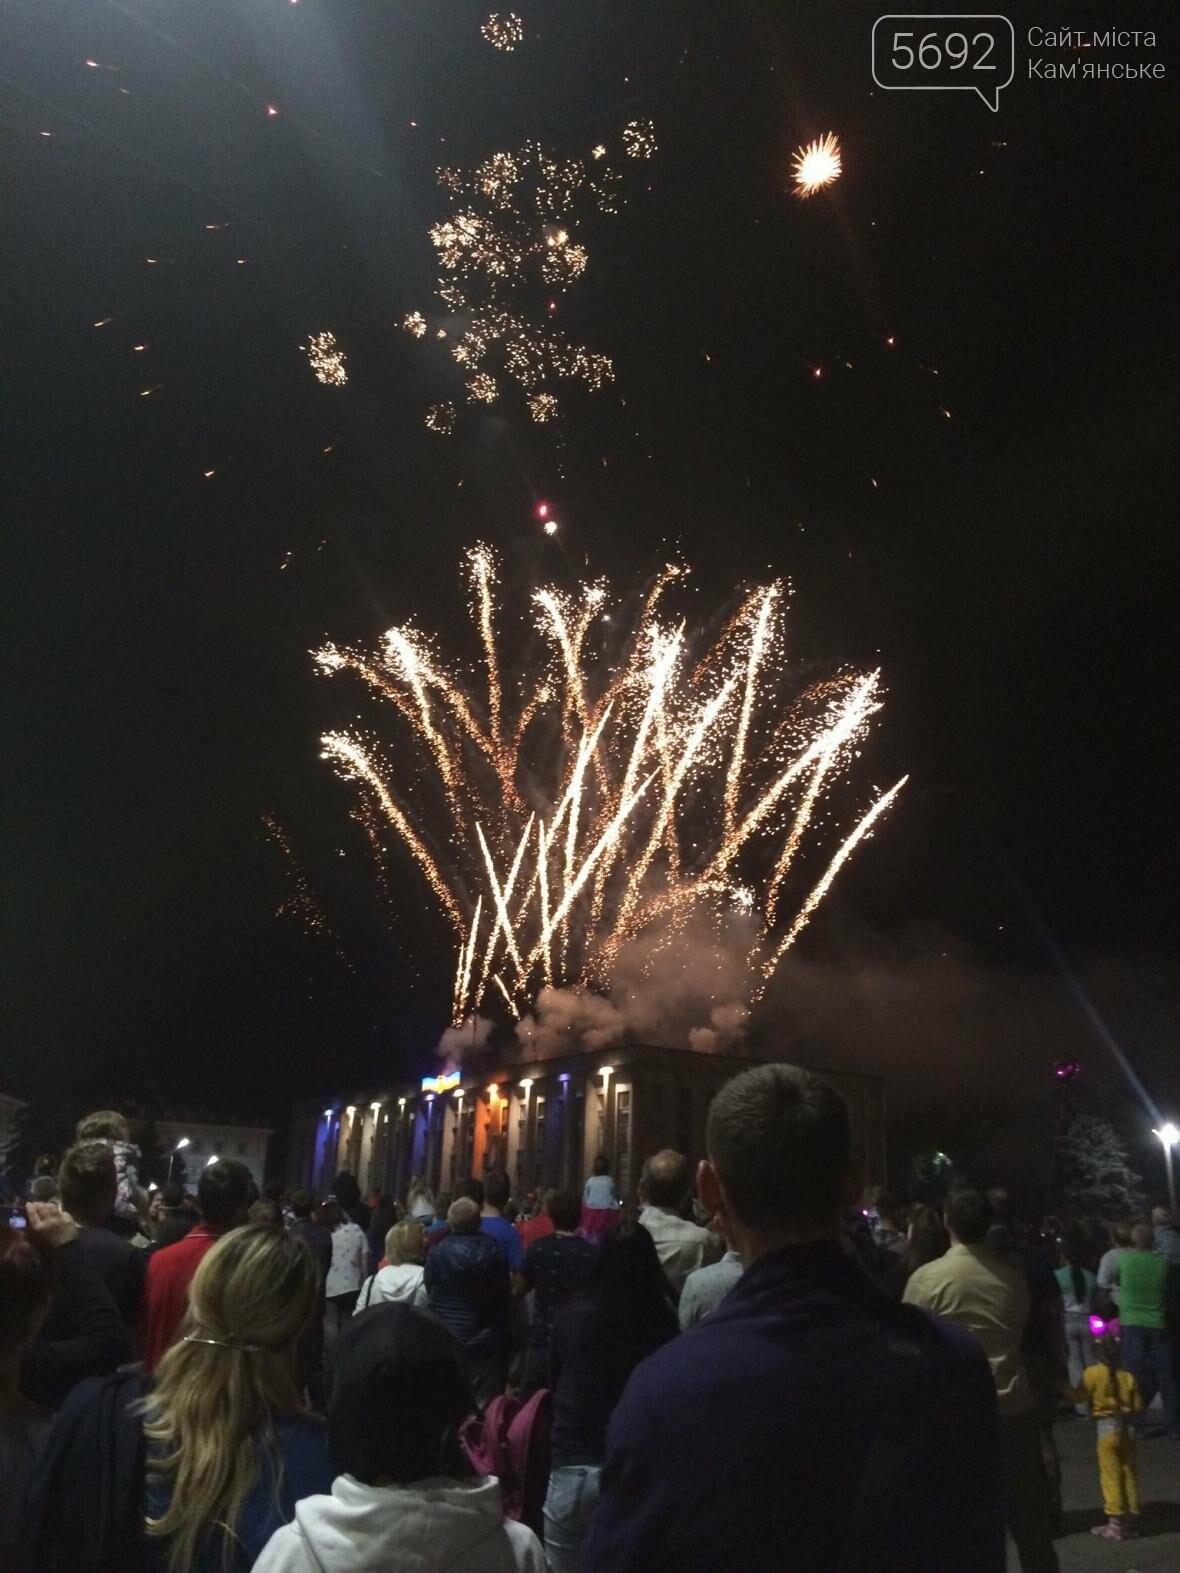 Концерт, праздничный фейерверк и огненное шоу – День города в Каменском, фото-4